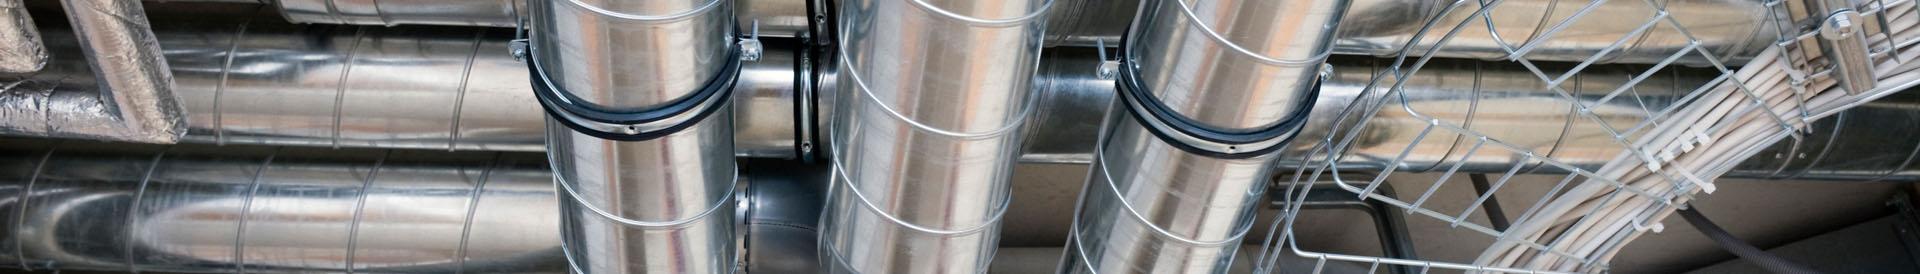 Metalowe rury